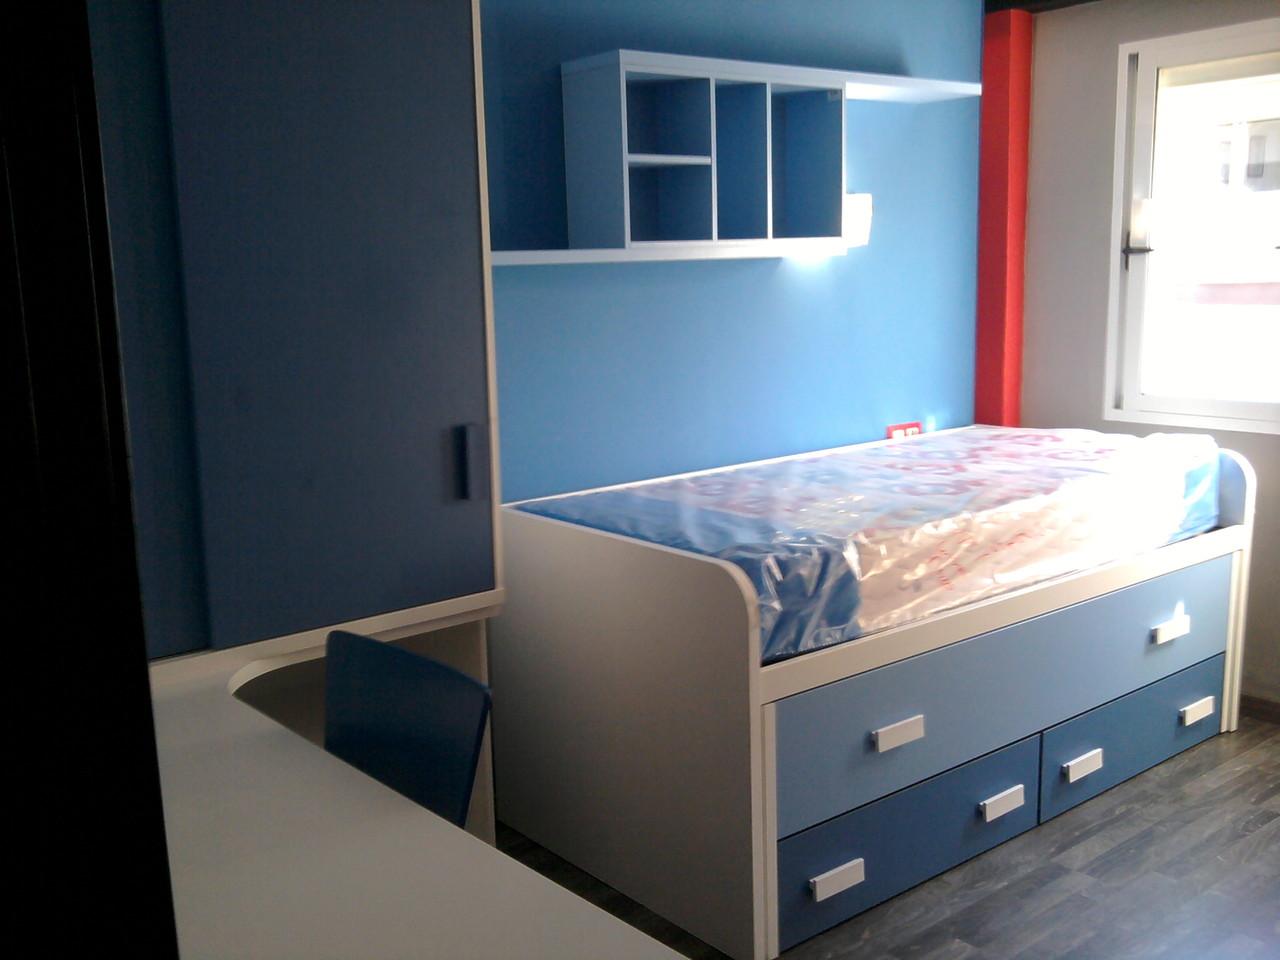 Juvenil completo formado con cama doble mesa de estudio ,armario de puertas correderas y estantería de pared todo ello en azul y blanco .